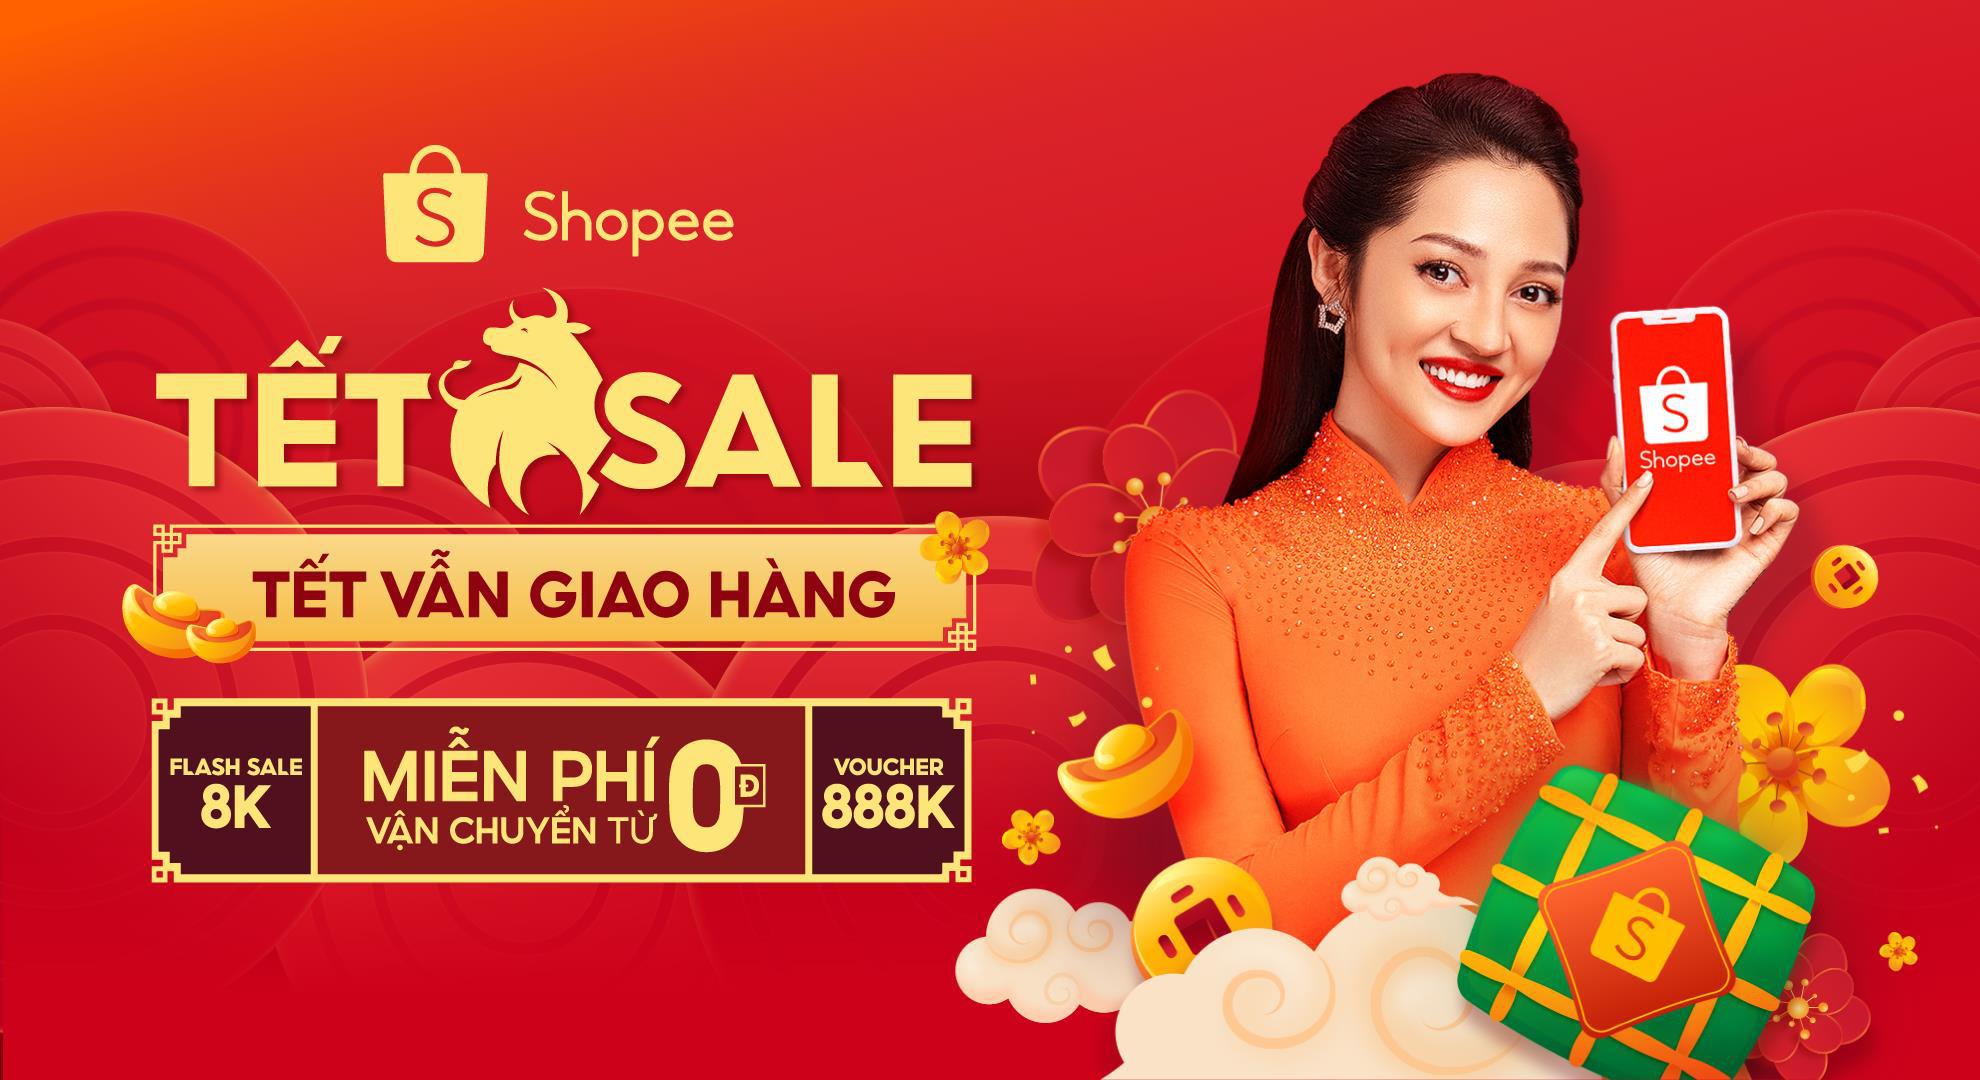 Đại tiệc giảm giá lên đến 50%++ tại ngày hội Shopee Tết Sale 2021 - Ảnh 8.